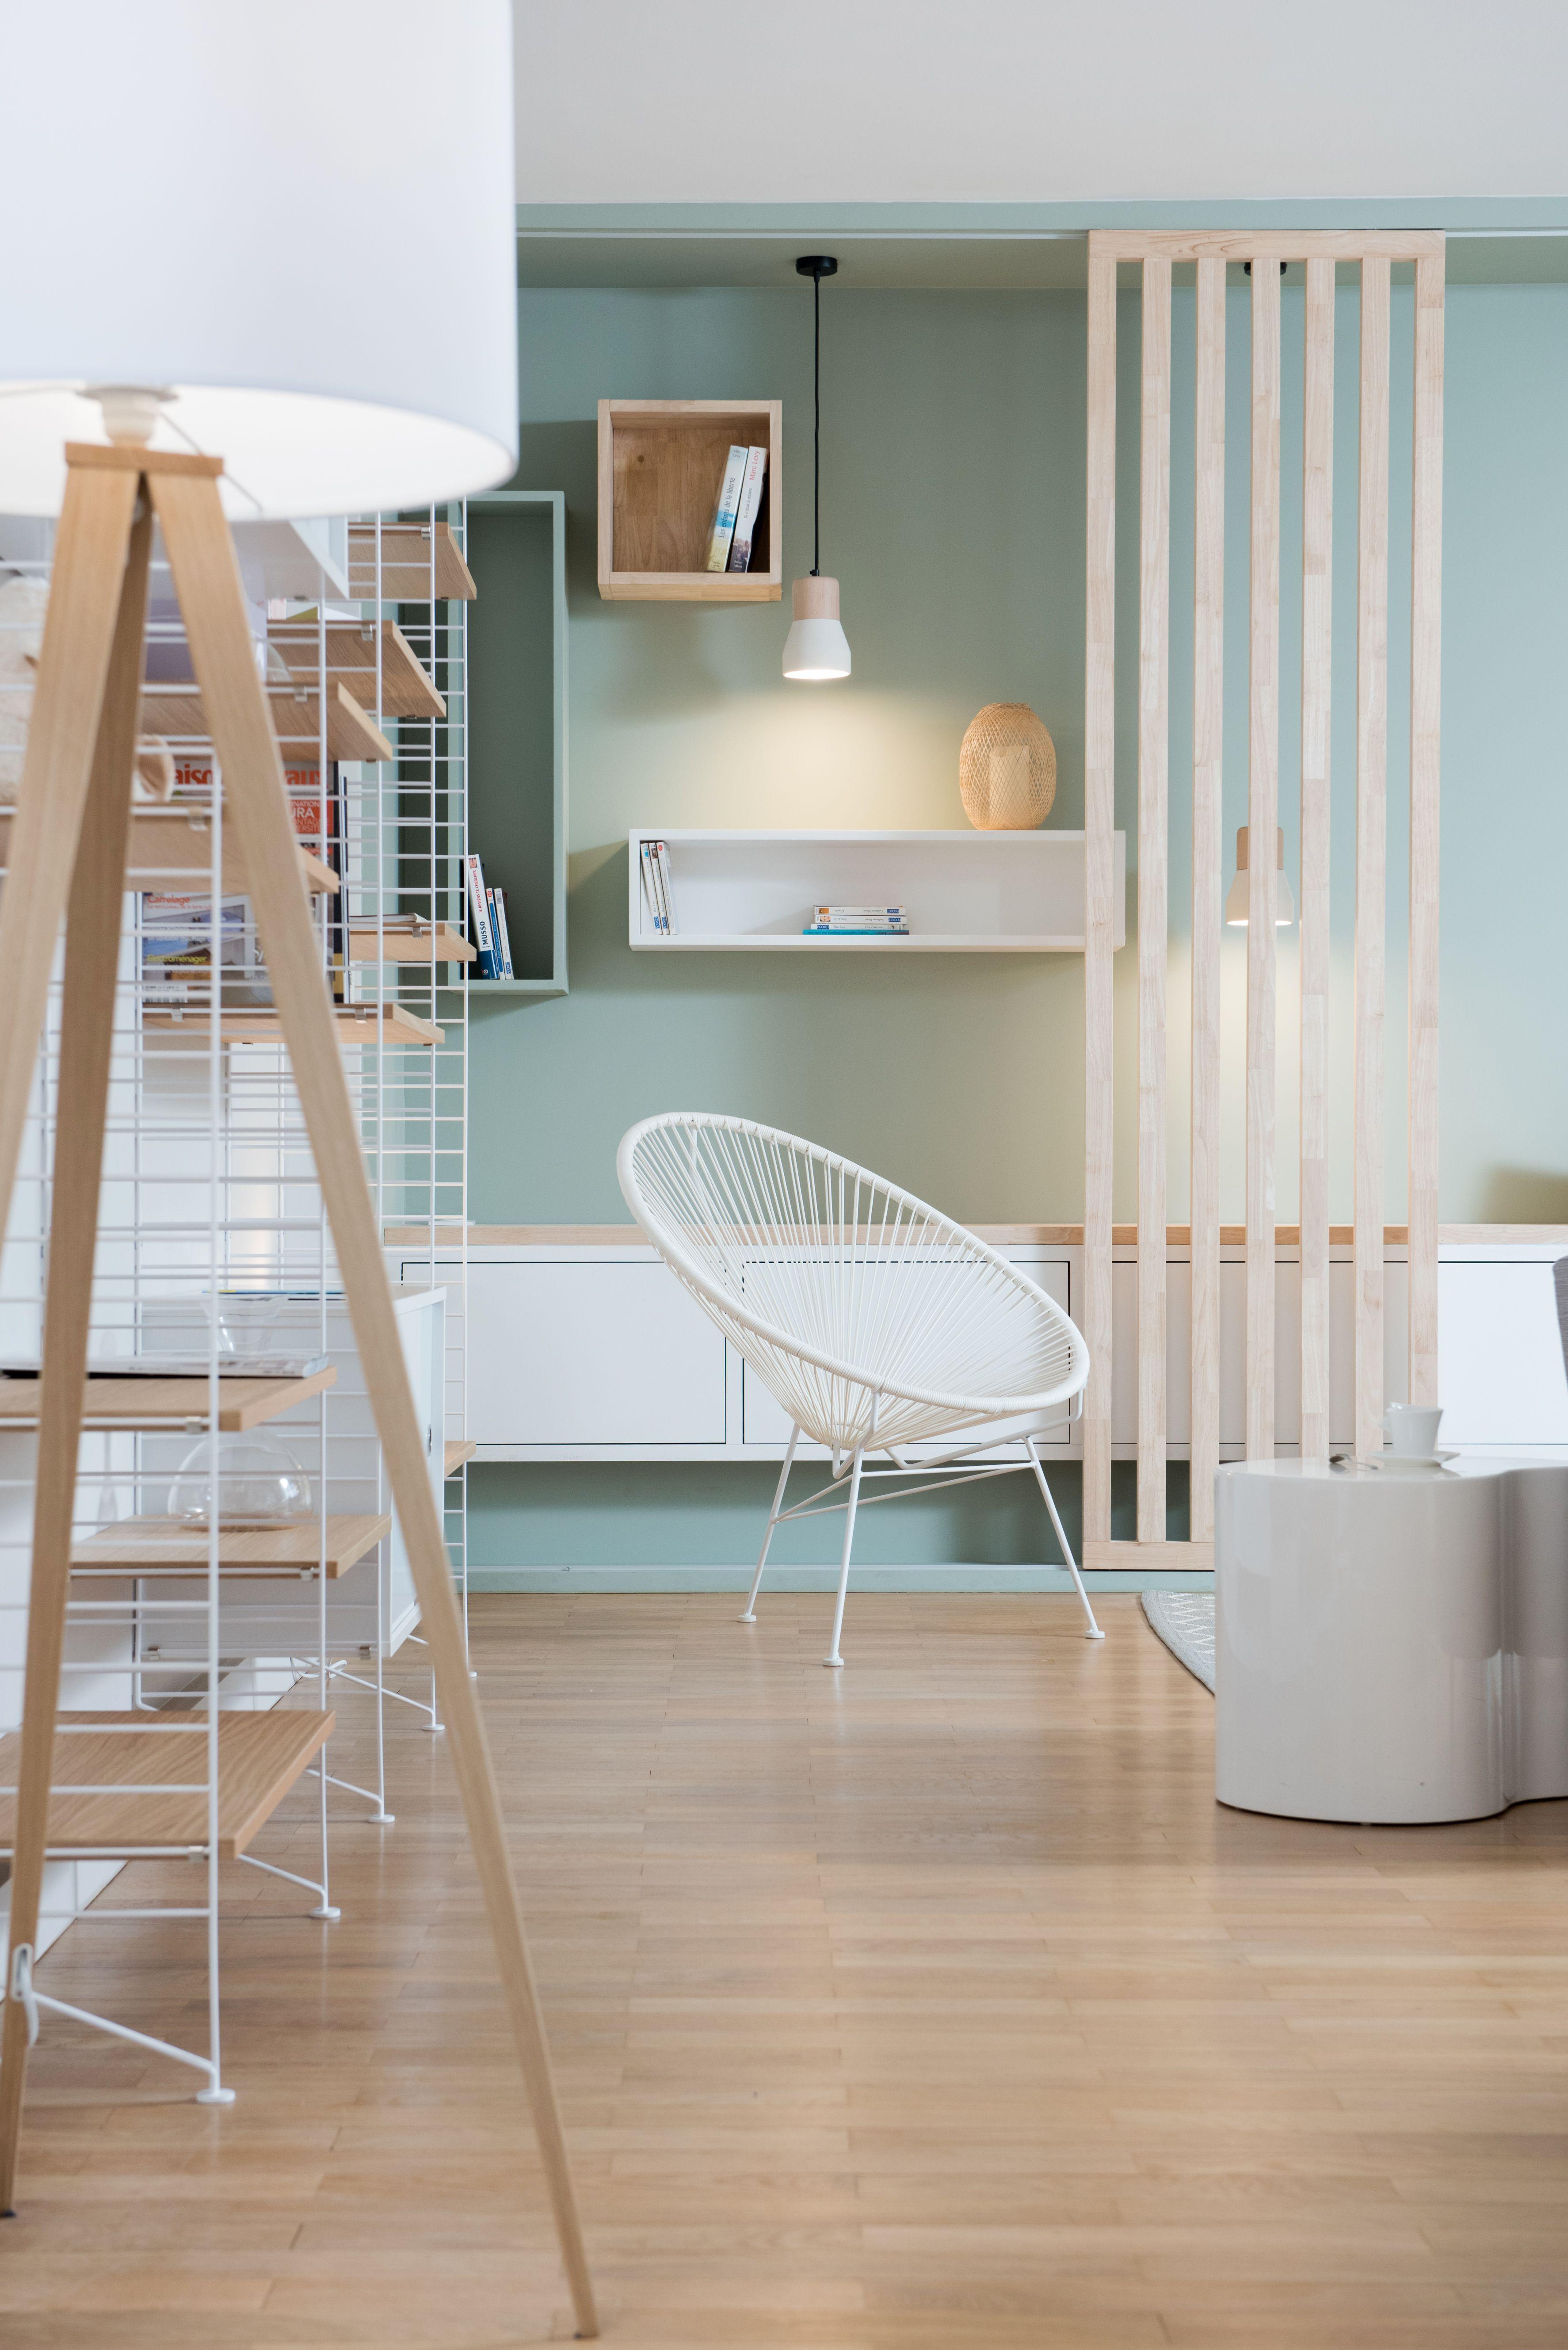 Couleurs pastel et meubles en bois clair cette pi ce for Couleur interieur maison